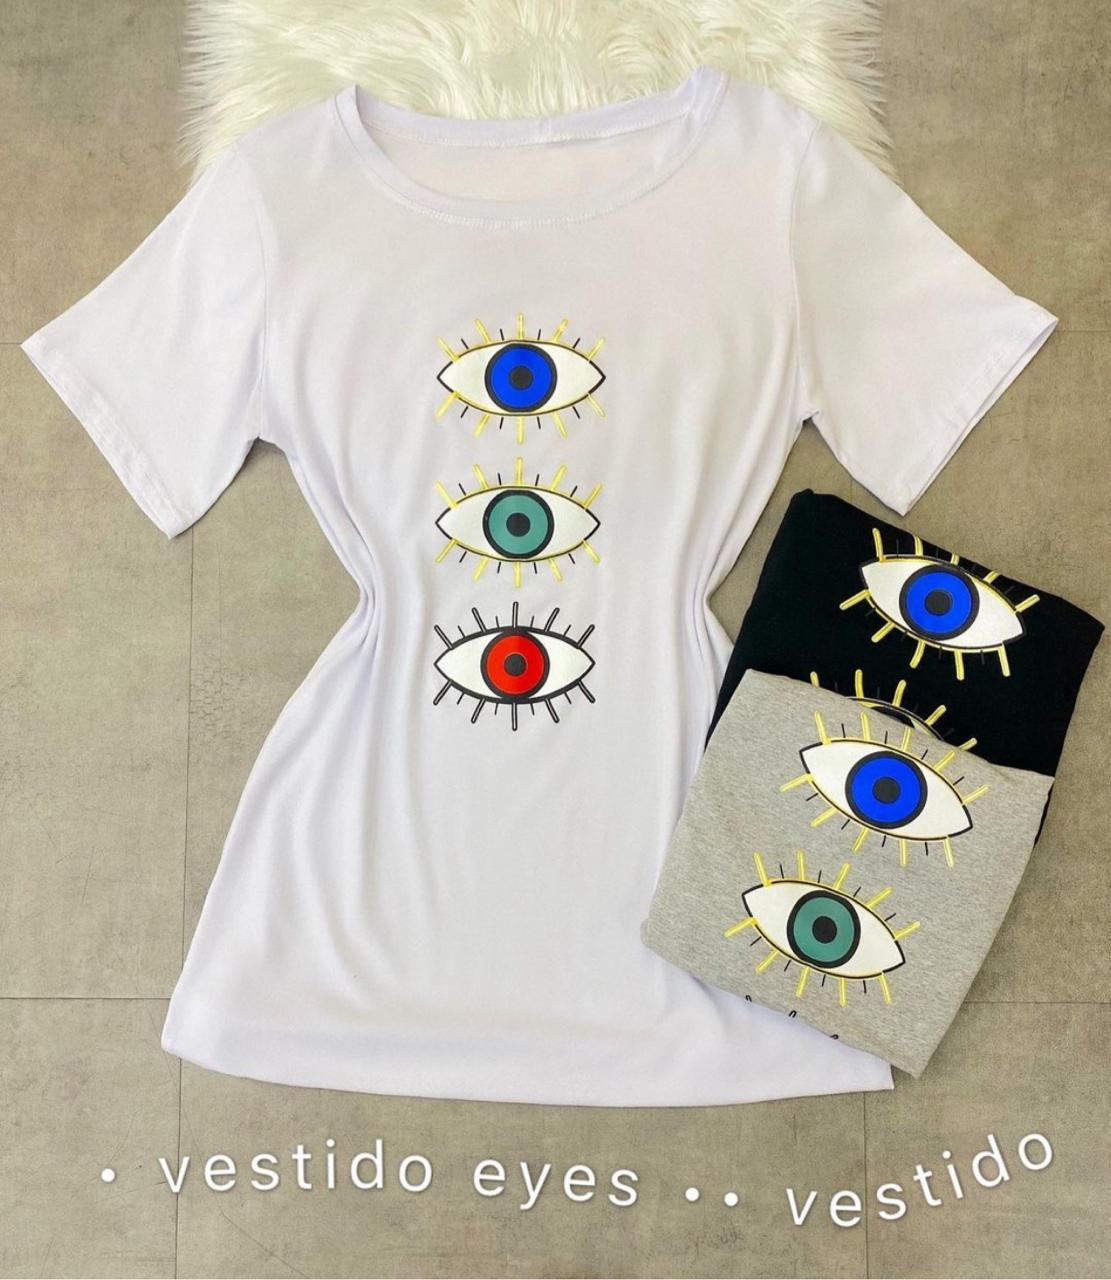 Vestido Eyes